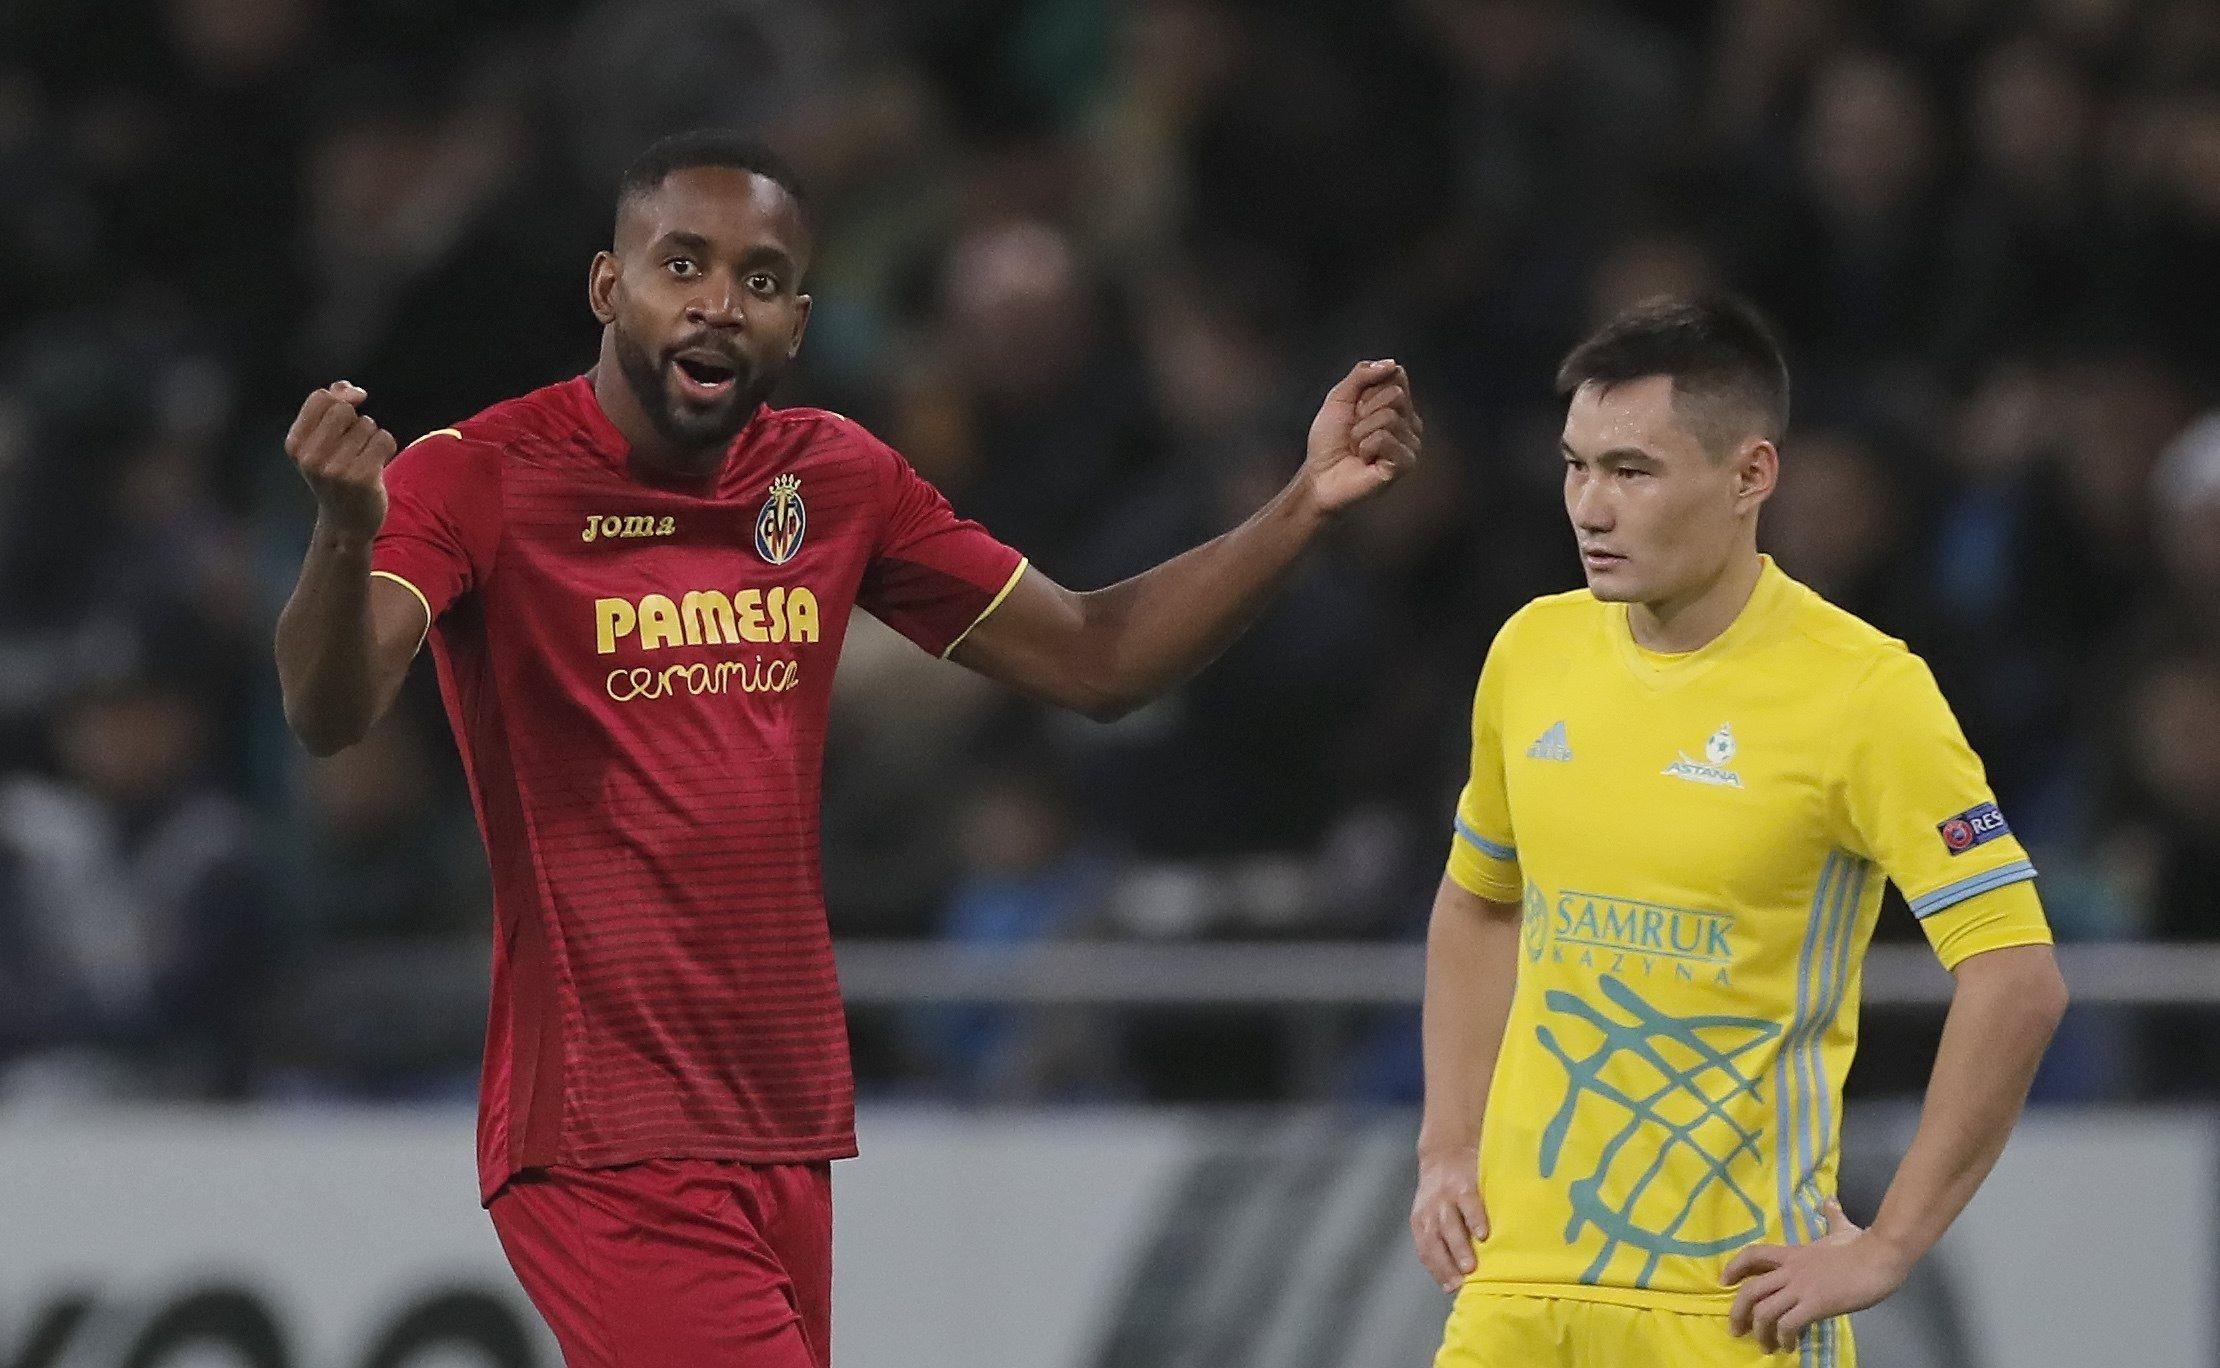 Villarreal y Real Sociedad firman su pase, al Athletic le vale el empate en Ucrania